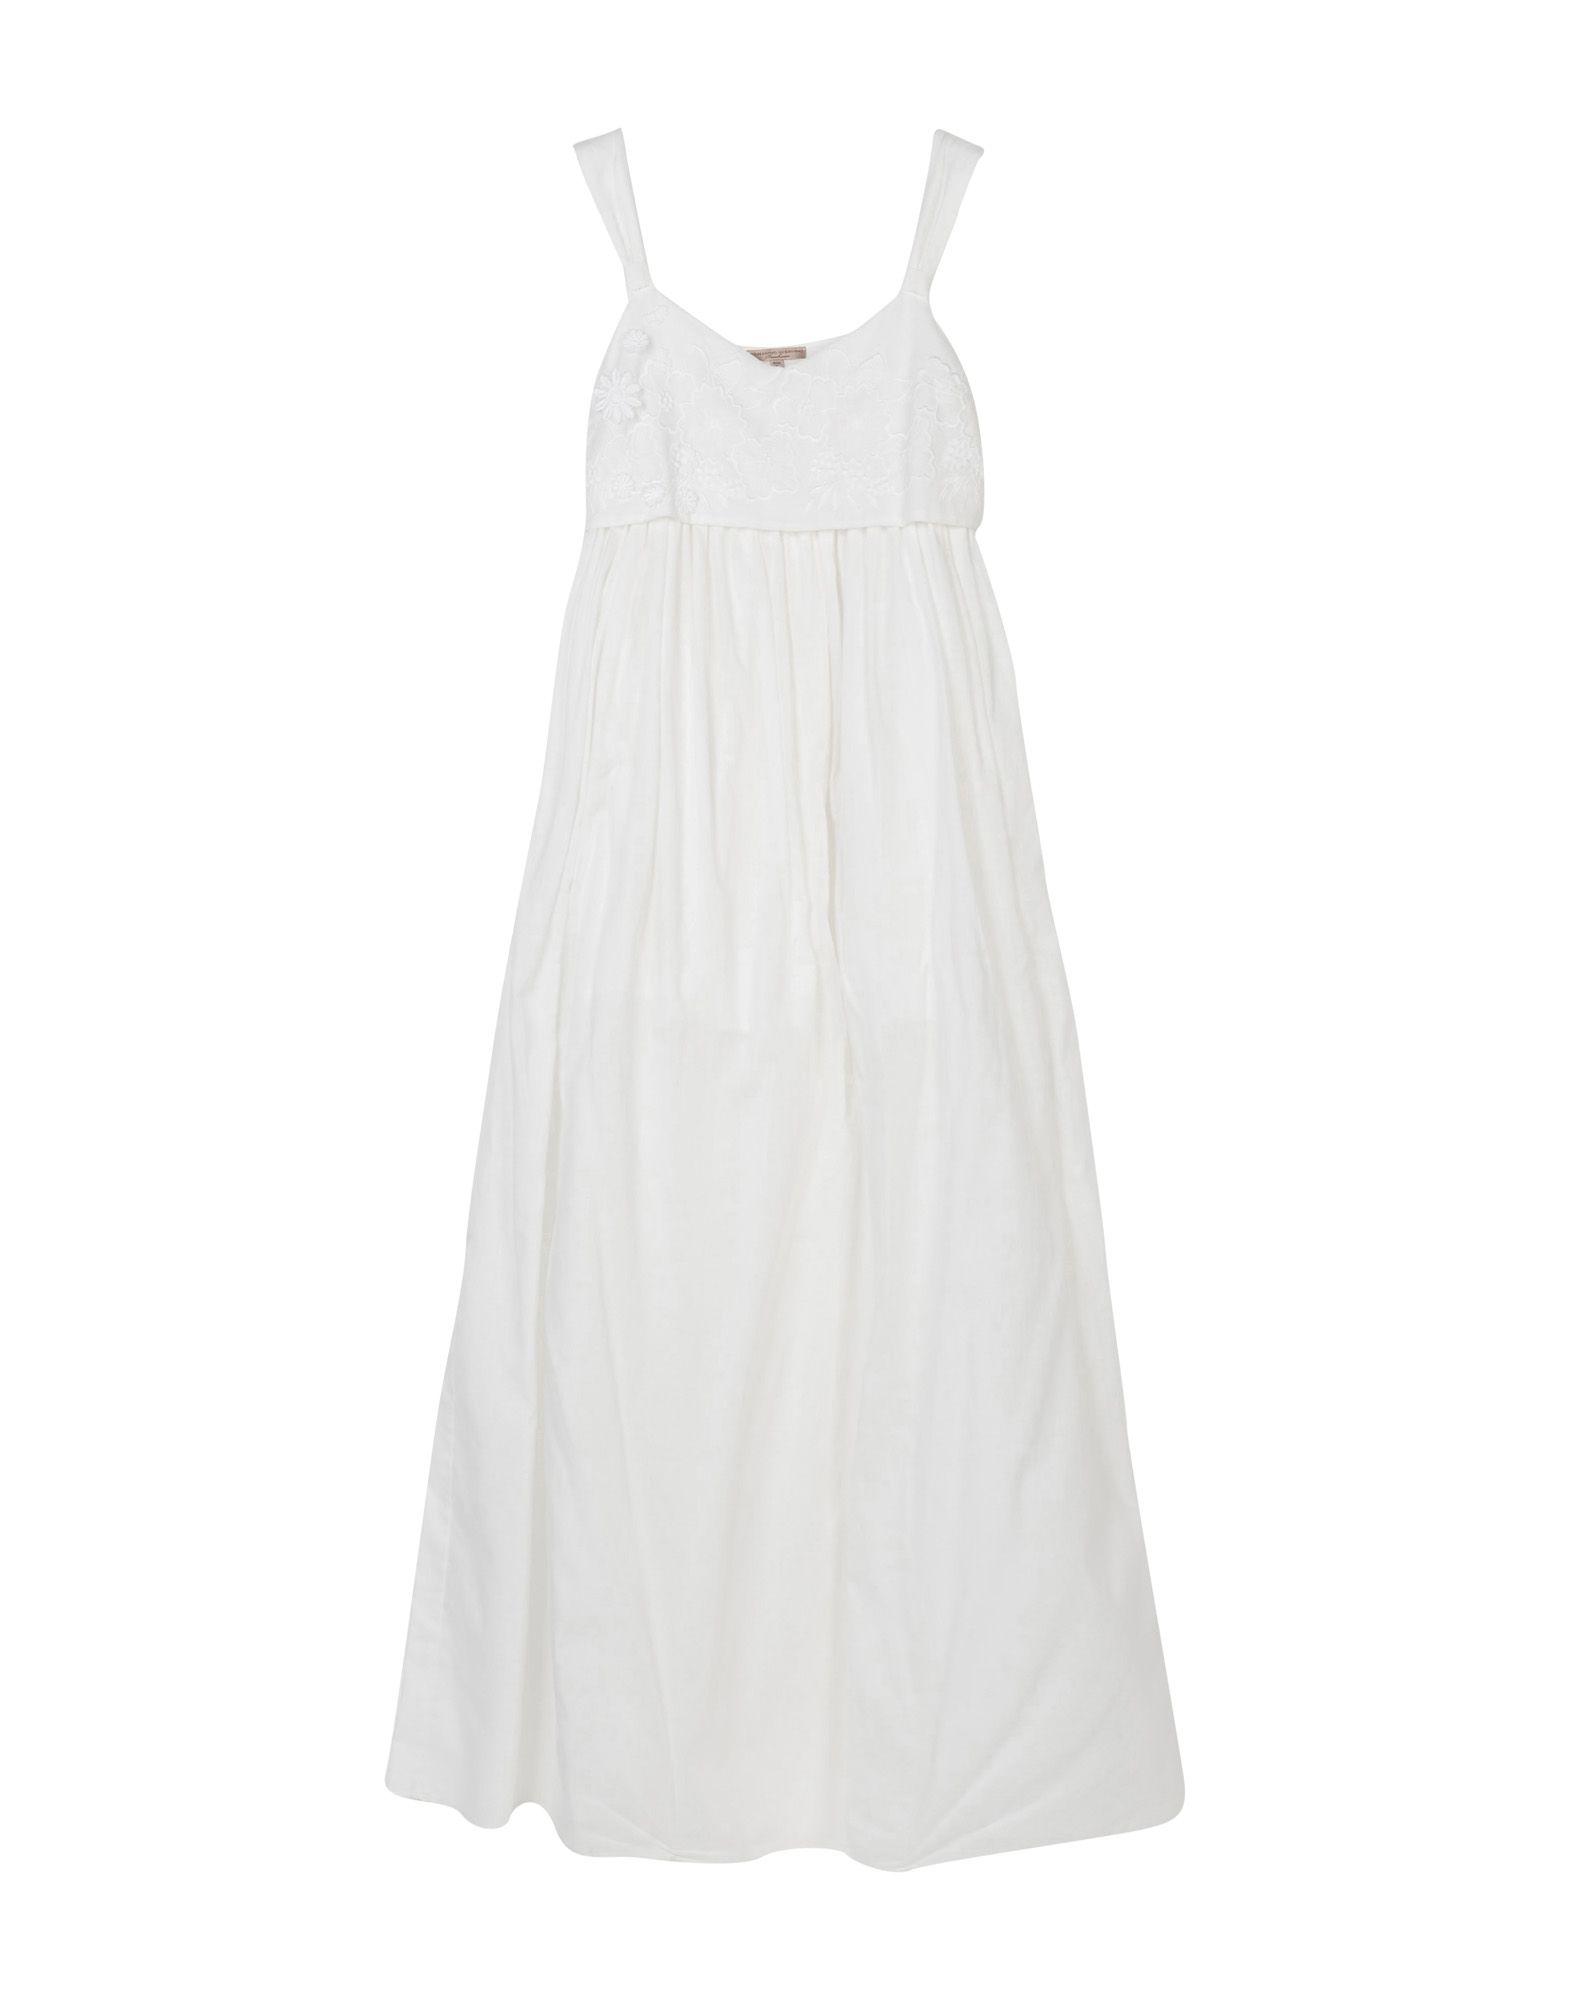 ERMANNO SCERVINO BEACHWEAR Длинное платье купить больное платье в стиле 18 19 века наташа ростова